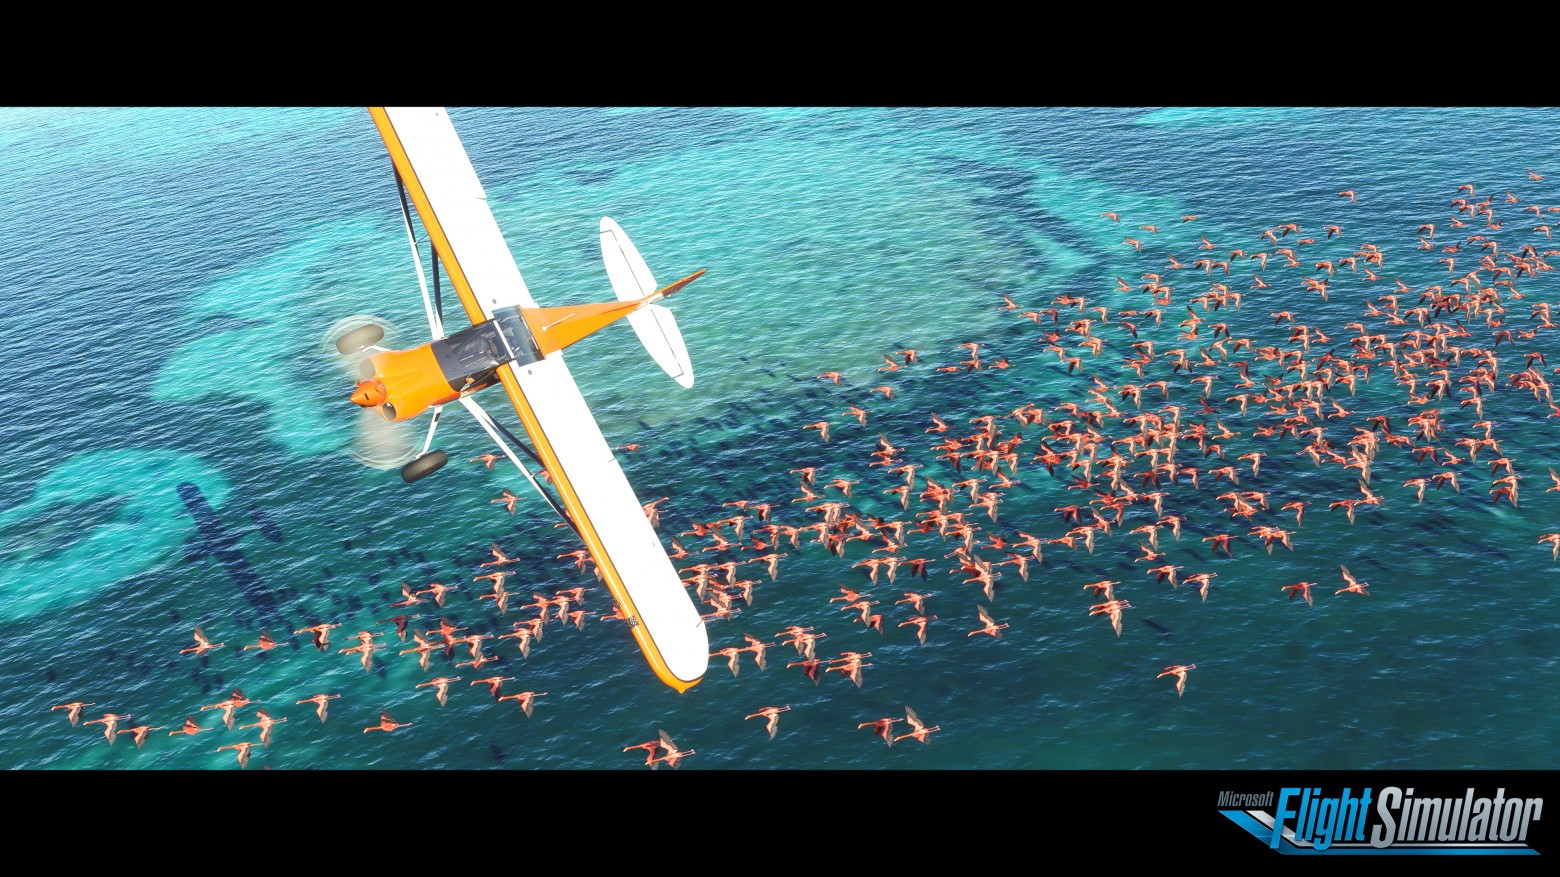 Легендарная игра MS Flight Simulator возвращается спустя 12 лет ms flight simulator,авиасимуляторы,Игры